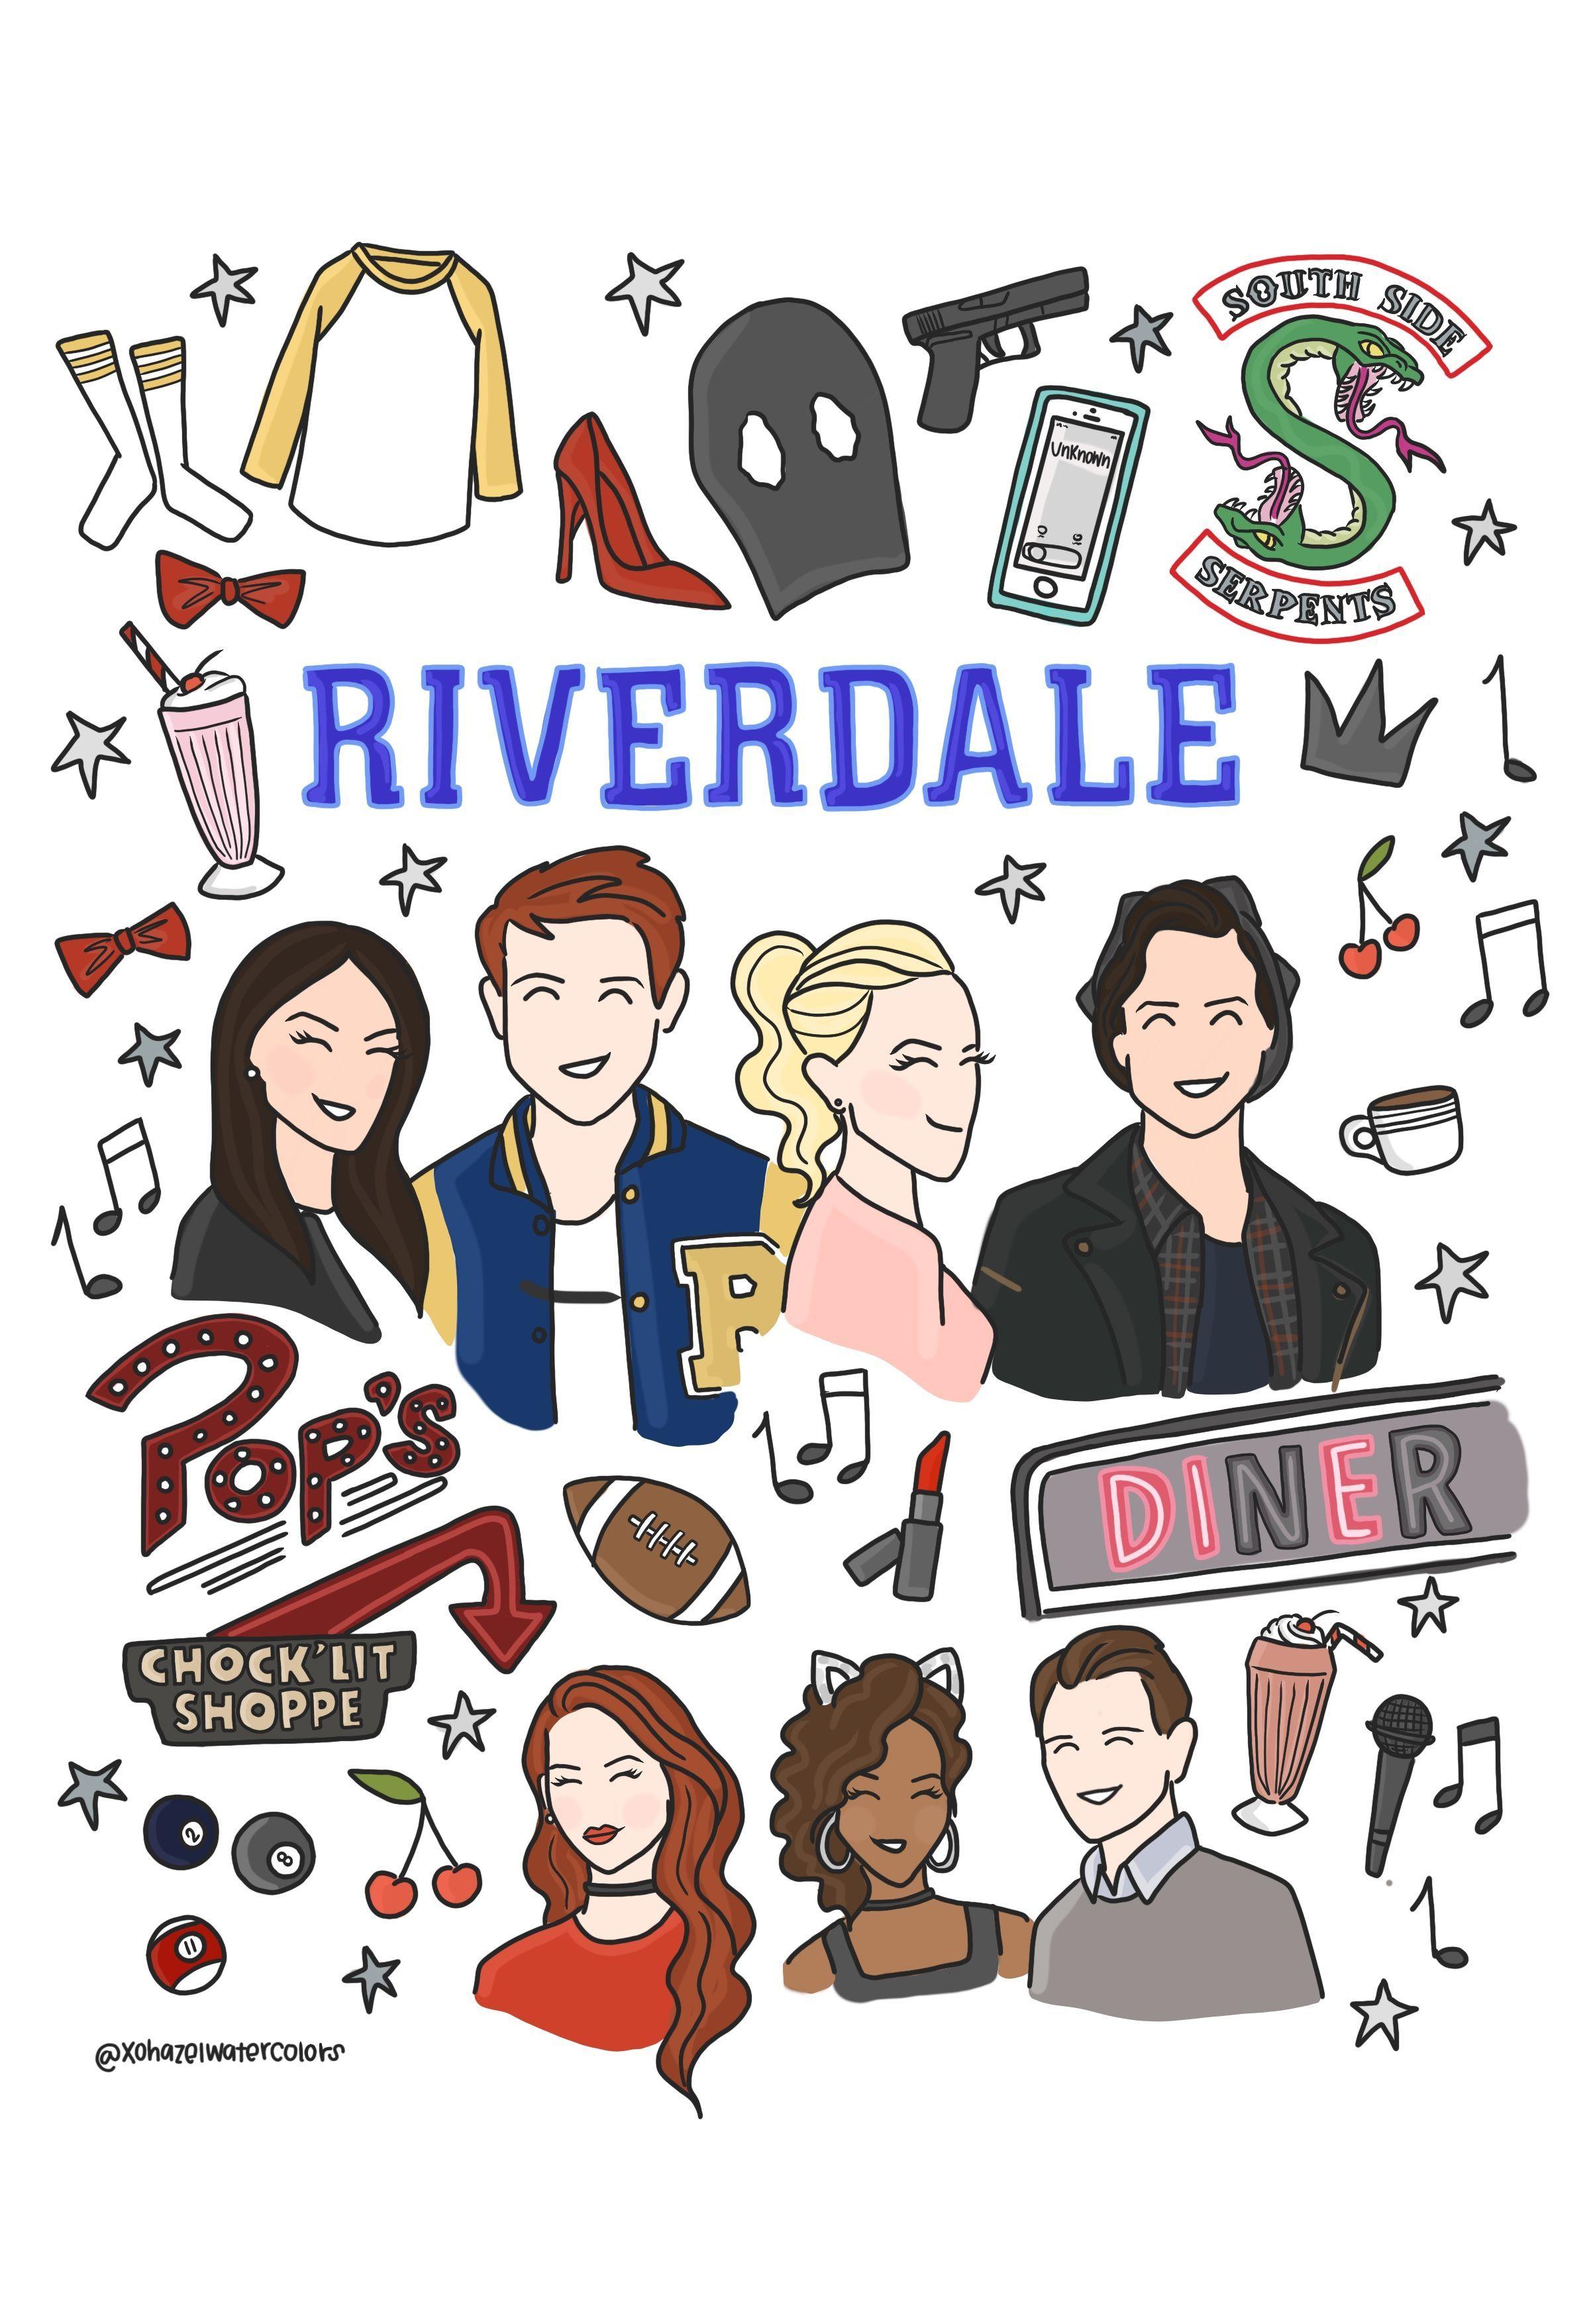 Resultat De Recherche D Images Pour Riverdale Drawings Easy Memes De Riverdale Wallpapers De Filmes Netflix Filmes E Series